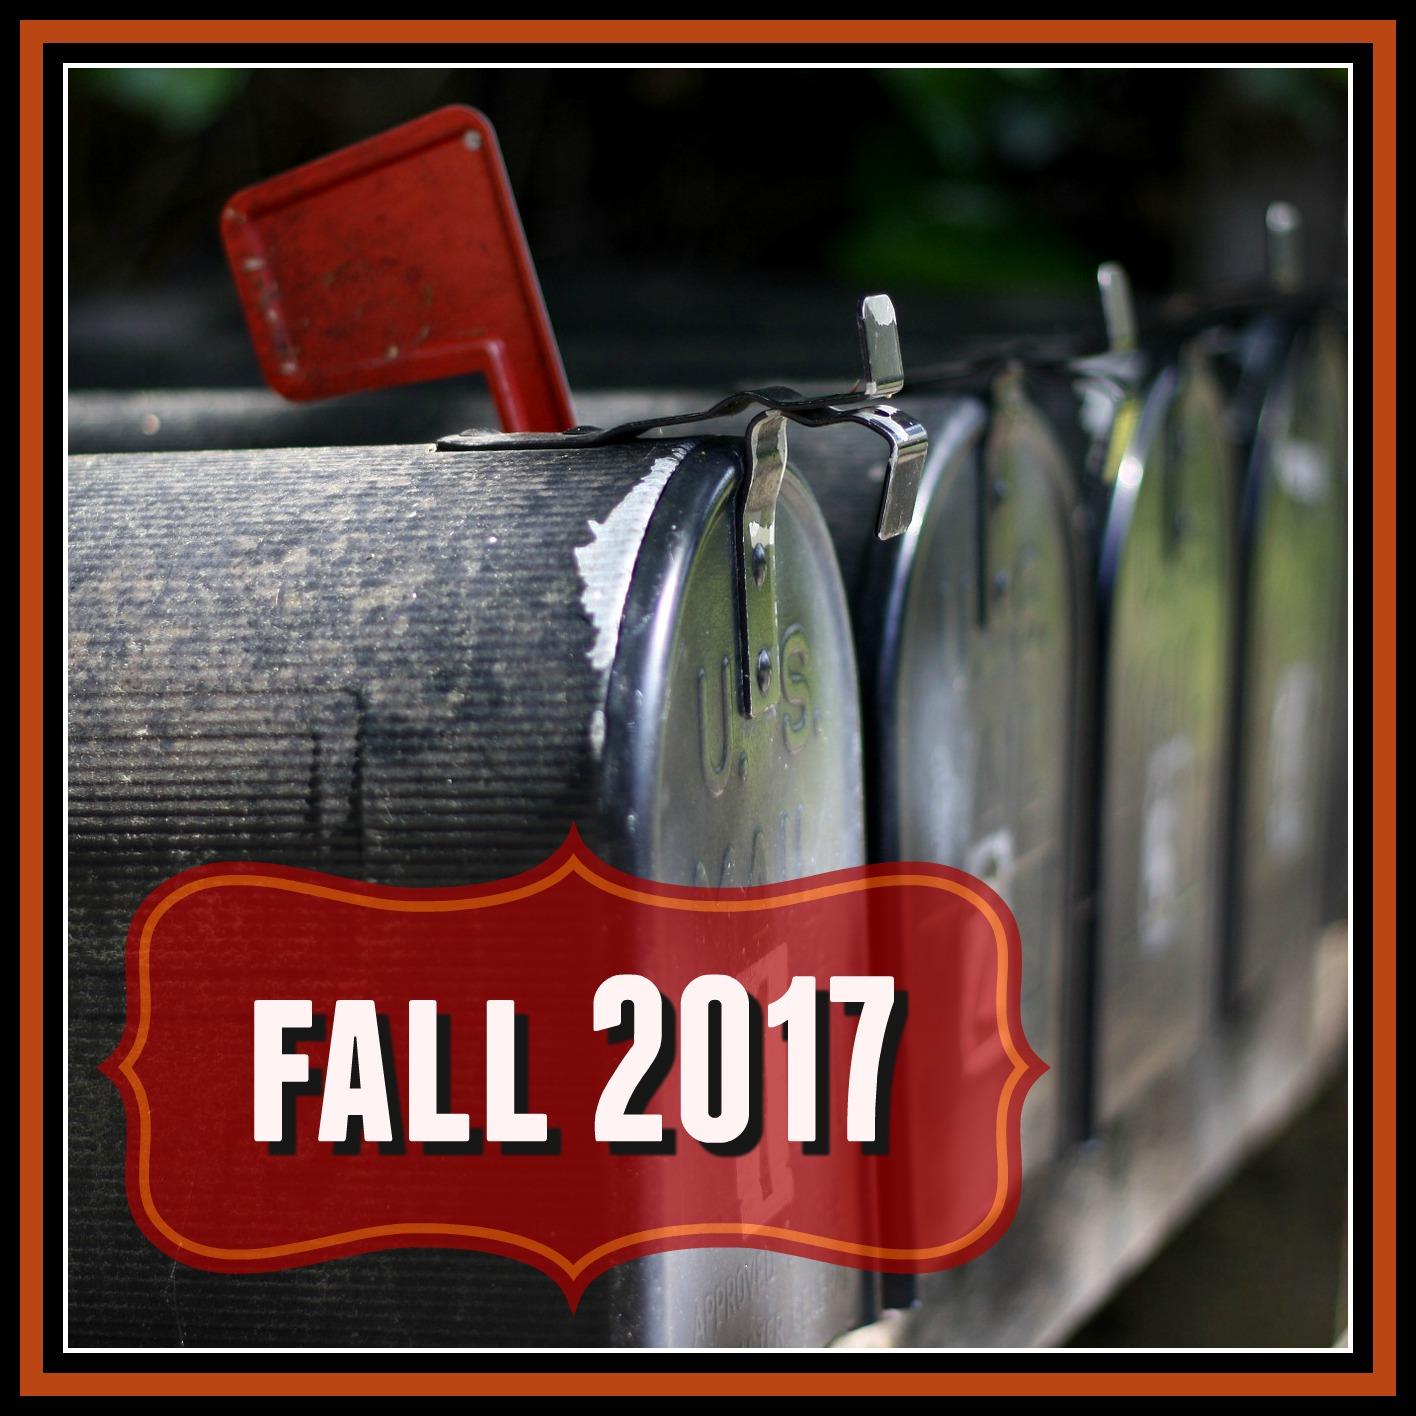 fall 2017.jpg